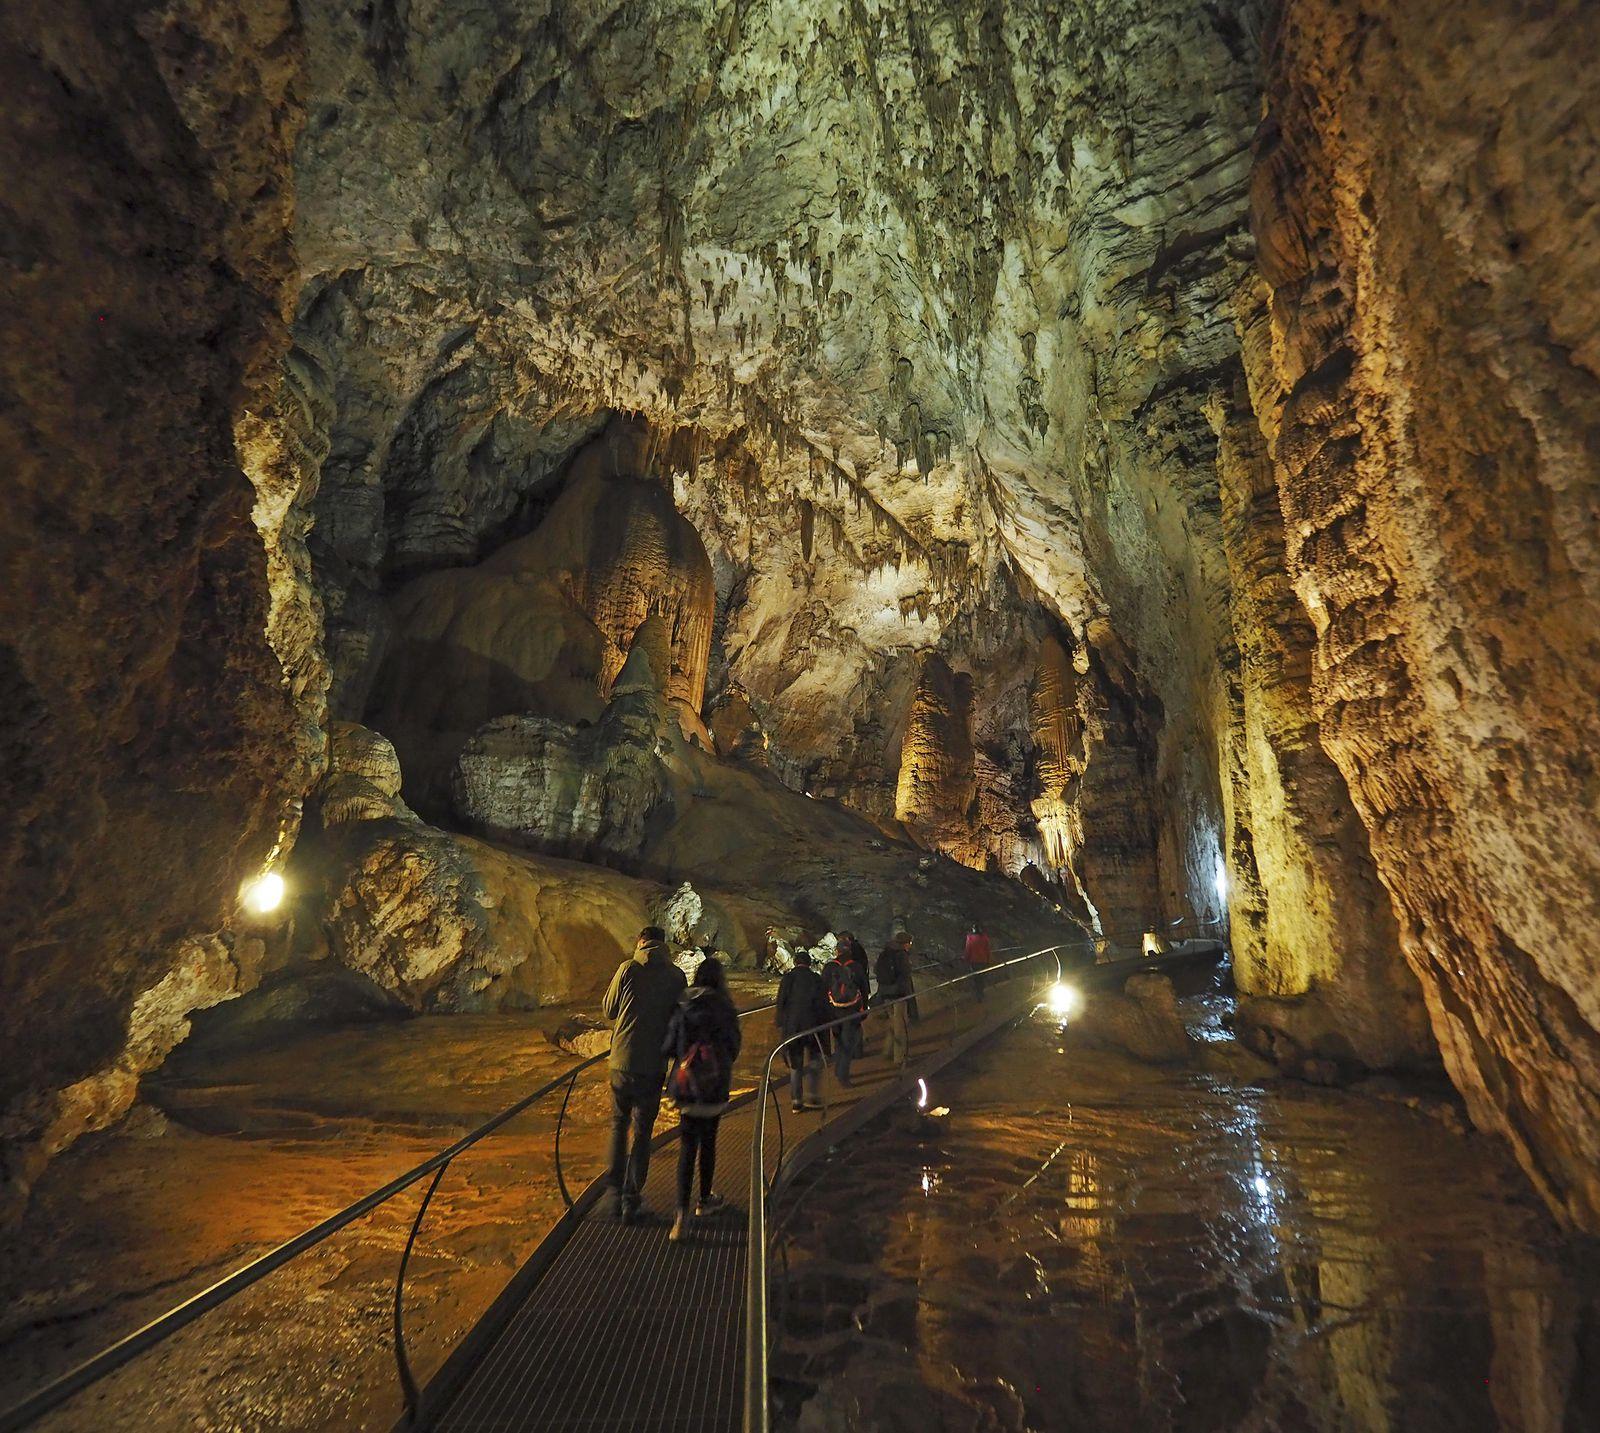 Ulassai : une des plus belles grottes visitables que j'aie jamais vues.